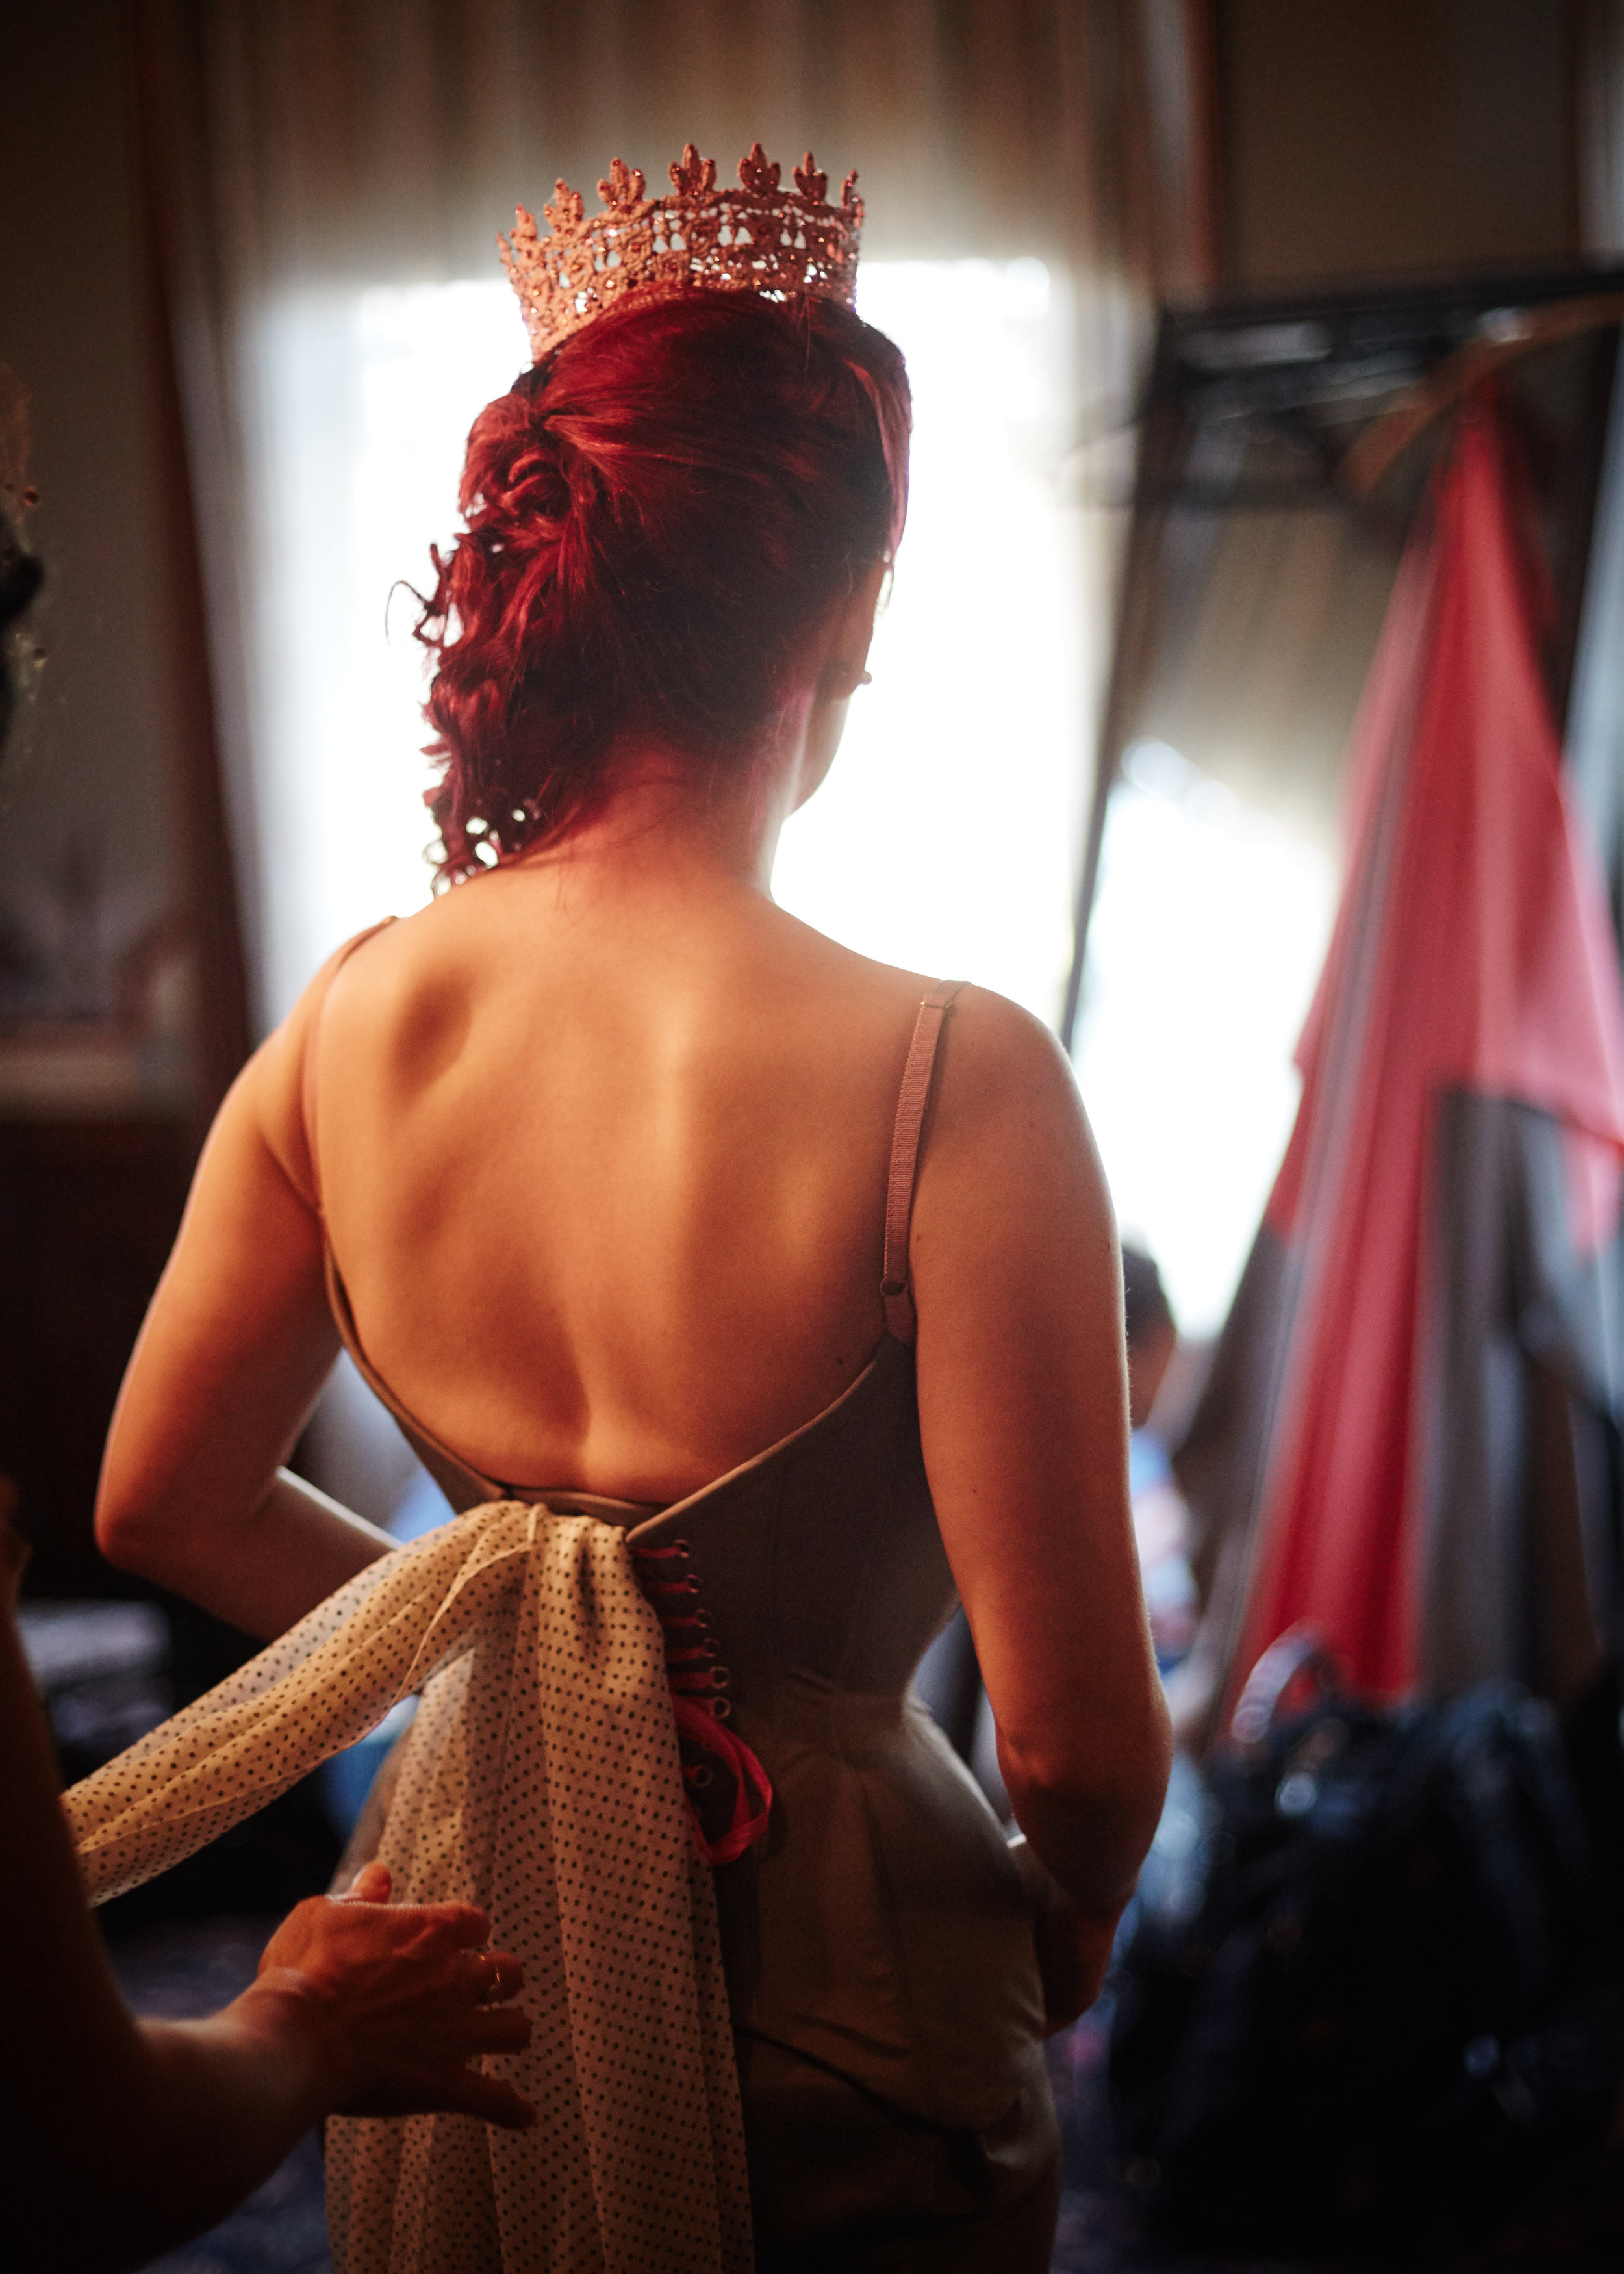 Pop Antique  with  Dark Garden  – bespoke low-back wedding corset with chiffon drape | Bride: Marianne Faulkner of Pop Antique | Drapist: Autumn Adamme of Dark Garden | Photo © Gaede-Glass Photography